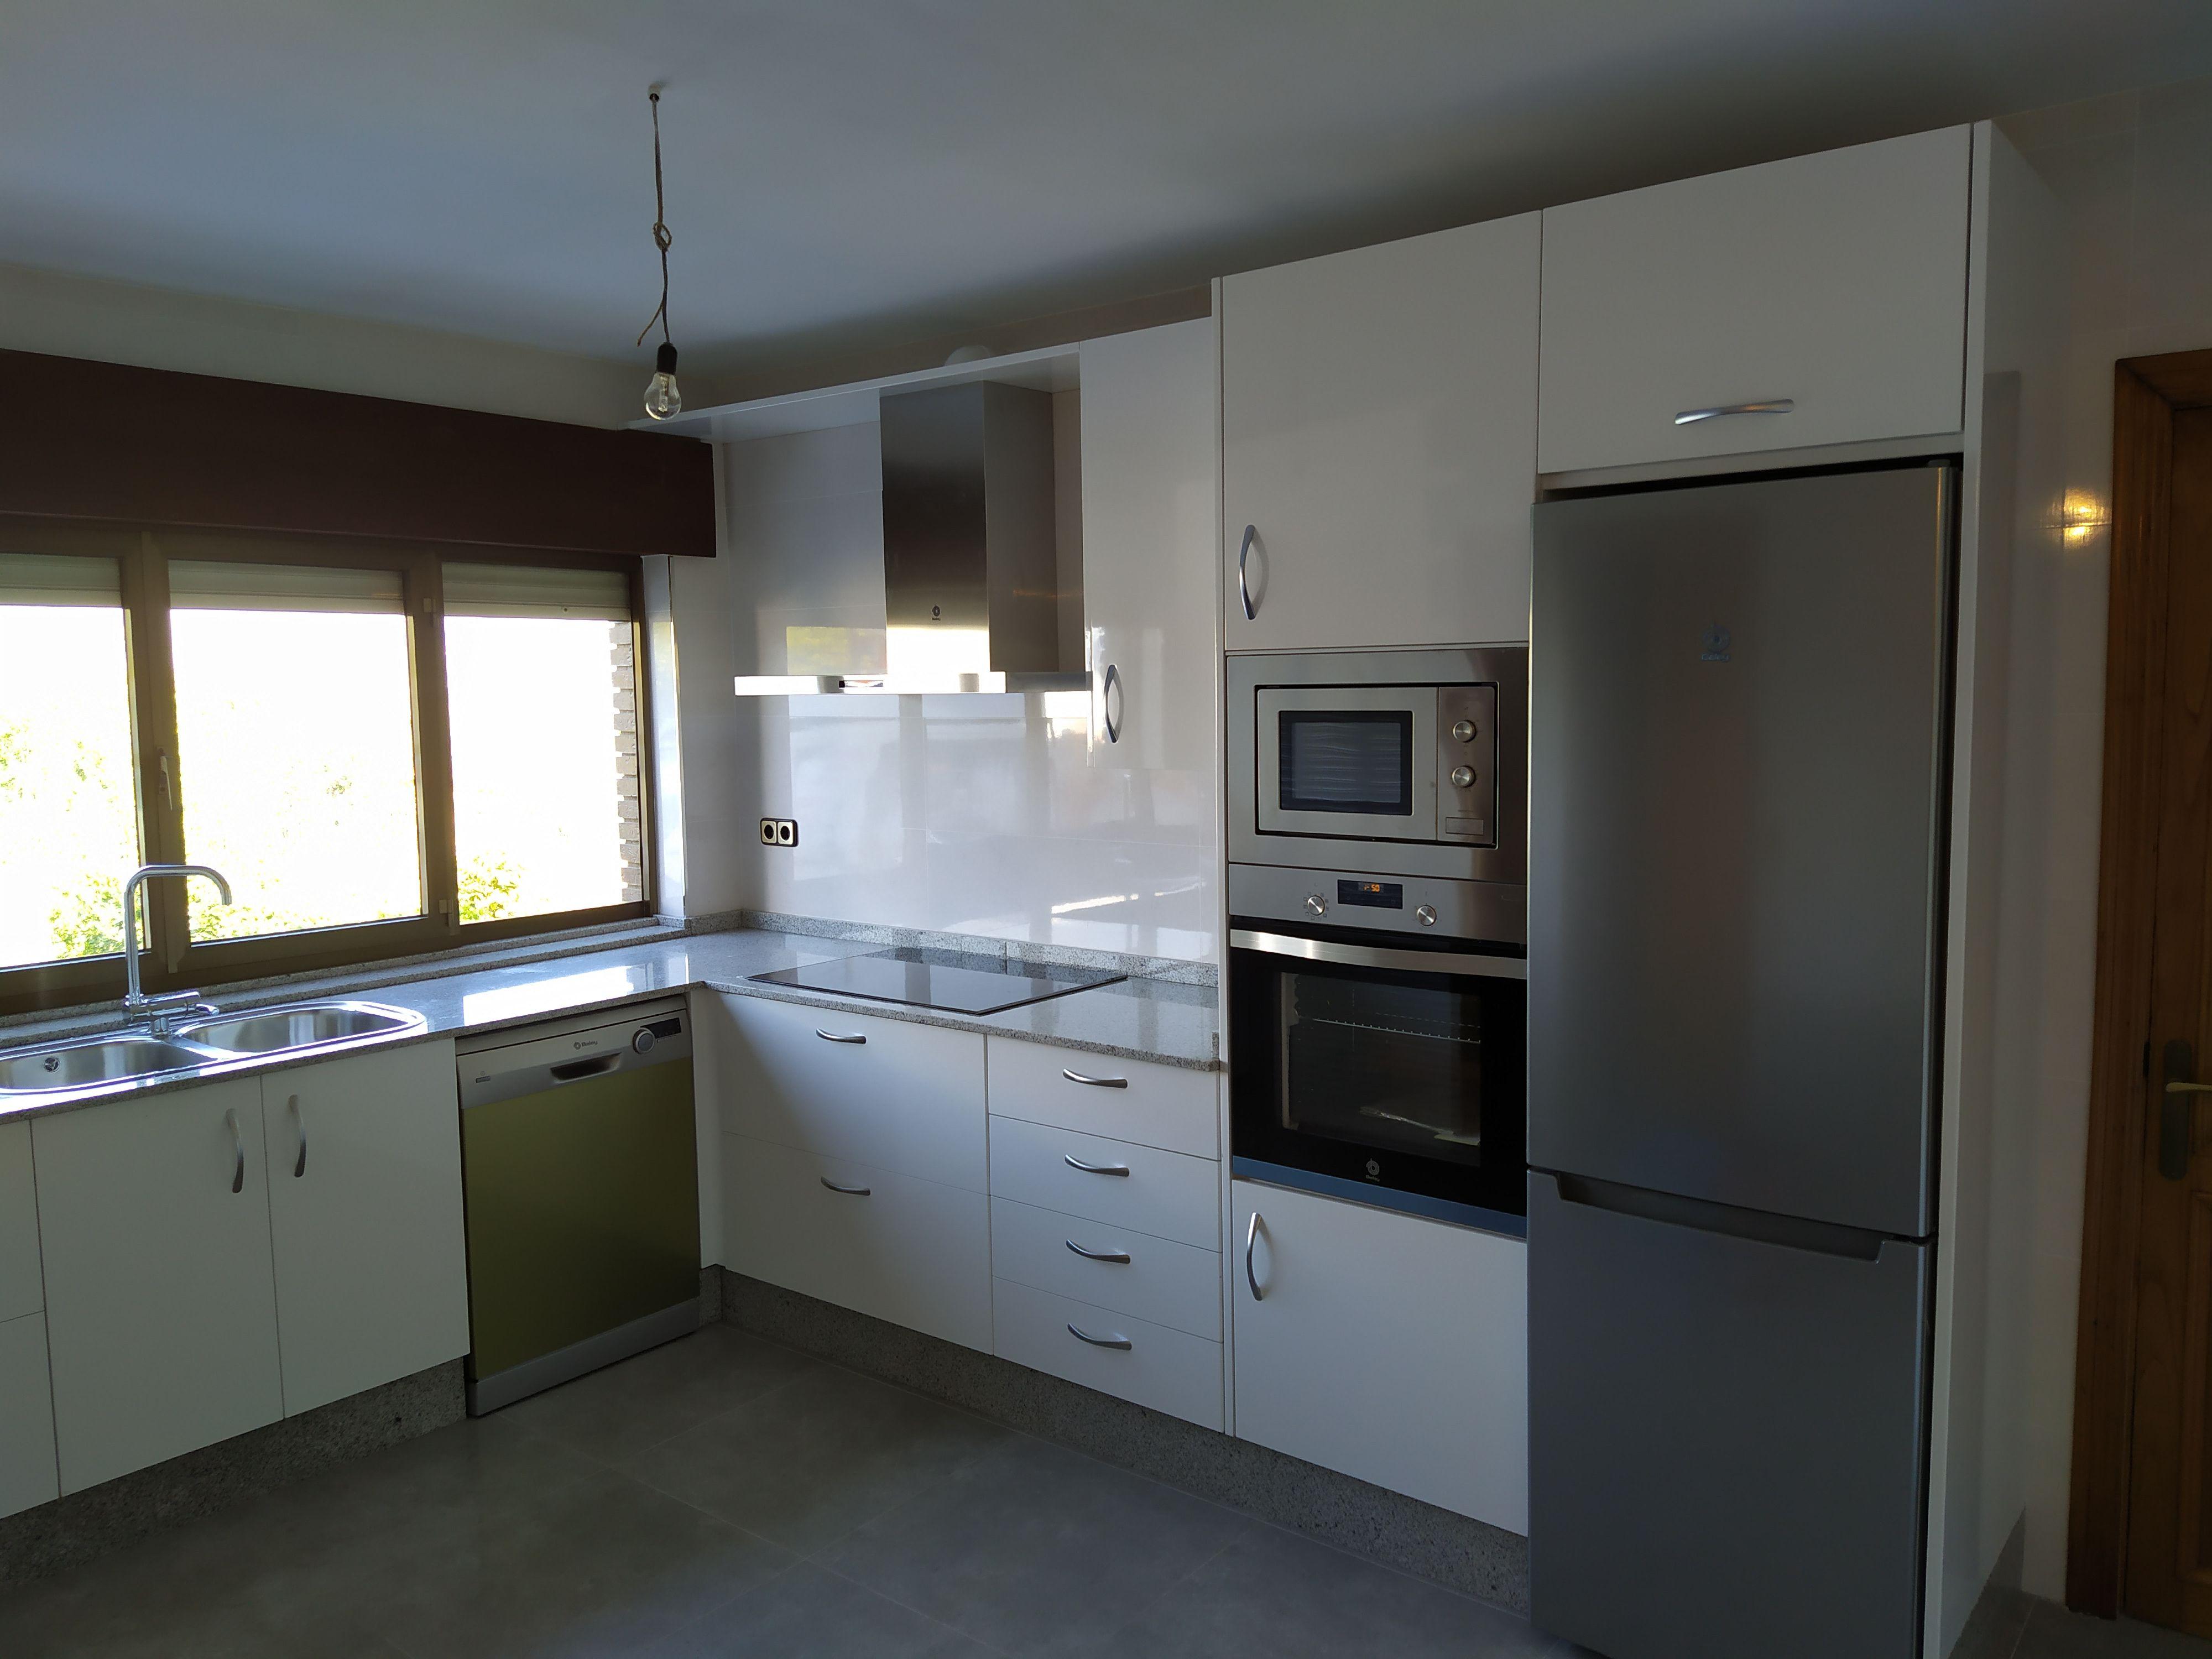 Ambiente Blanco Y Gris Muebles De Cocina Encimeras De Granito Granito Blanco